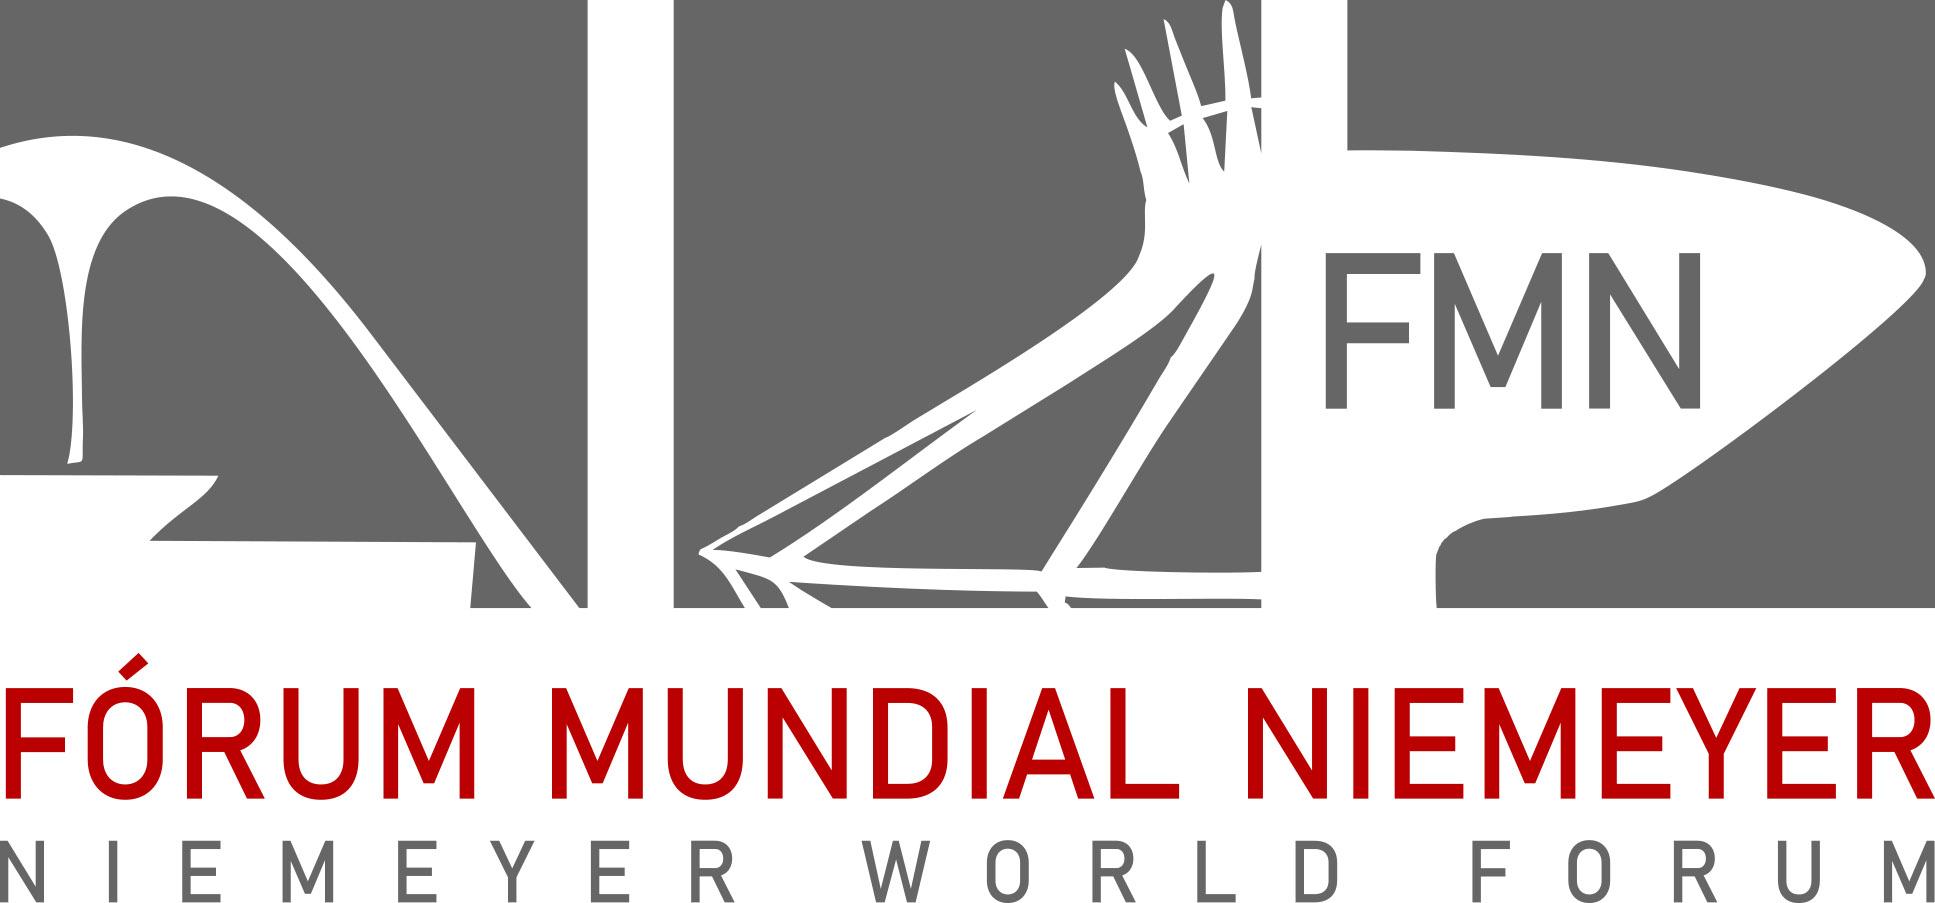 FORUM MUNDIAL NIEMEYER.cdr